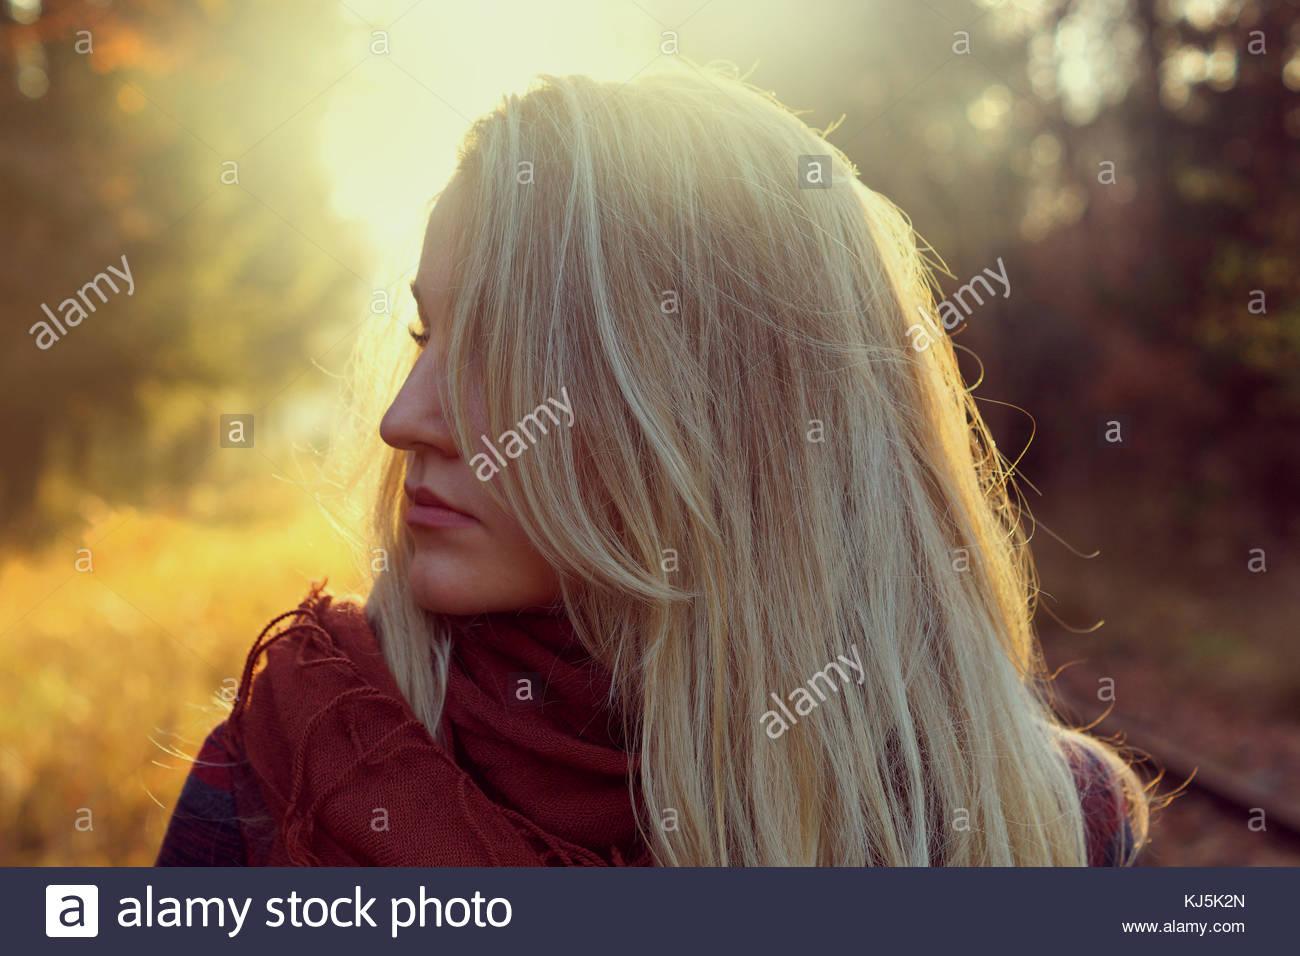 Libre de jeune femme blonde se tourna du côté face. Photo Stock